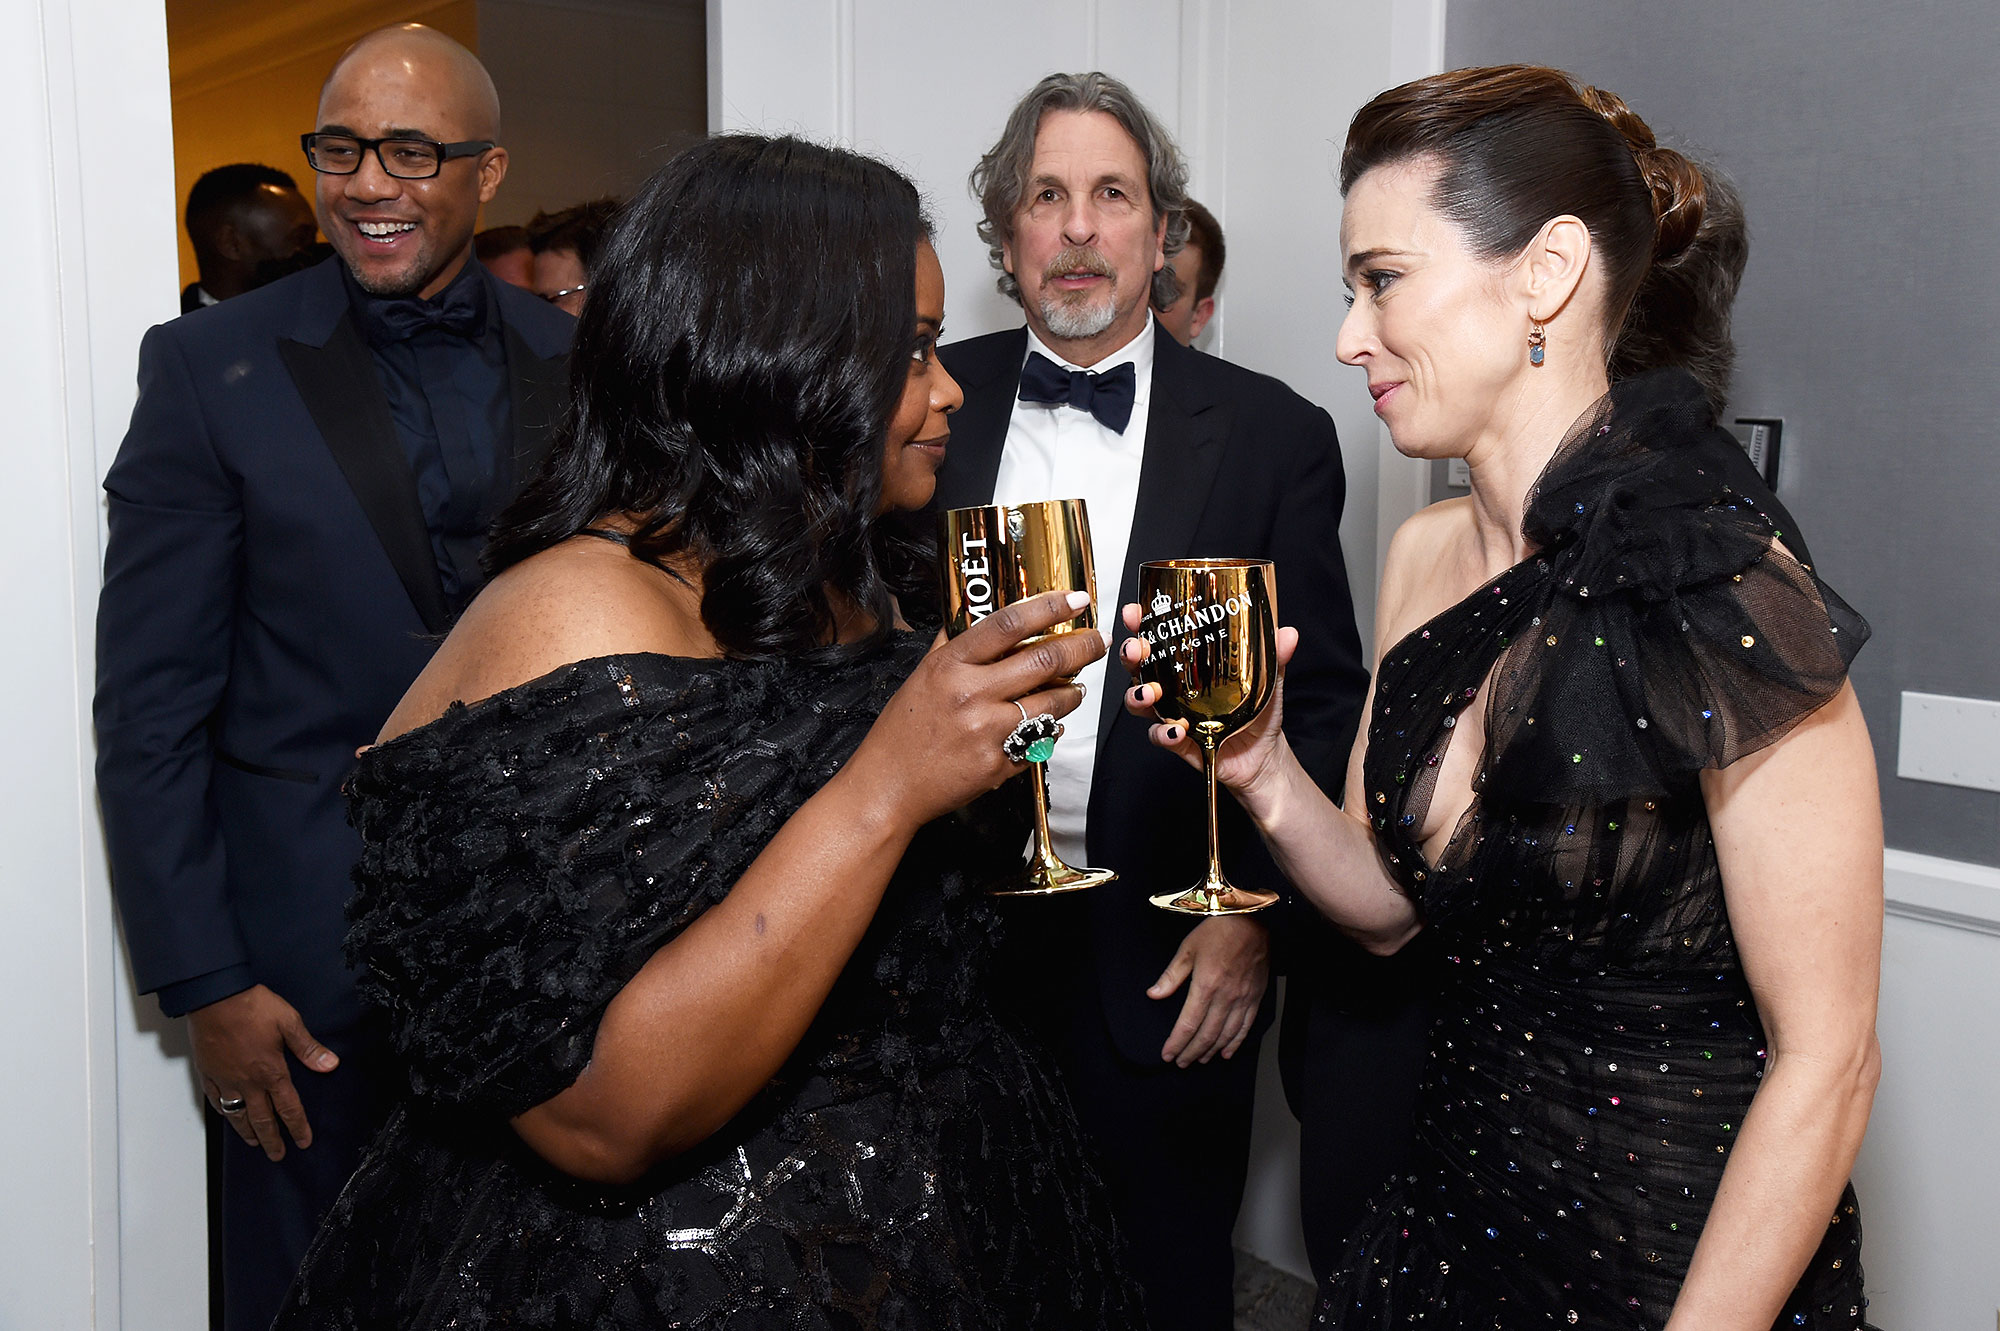 Inside Golden Globes 2019 Octavia Spencer Linda Cardellini - Octavia Spencer and Linda Cardellini clinked Moët and Chandon champagne glasses backstage.